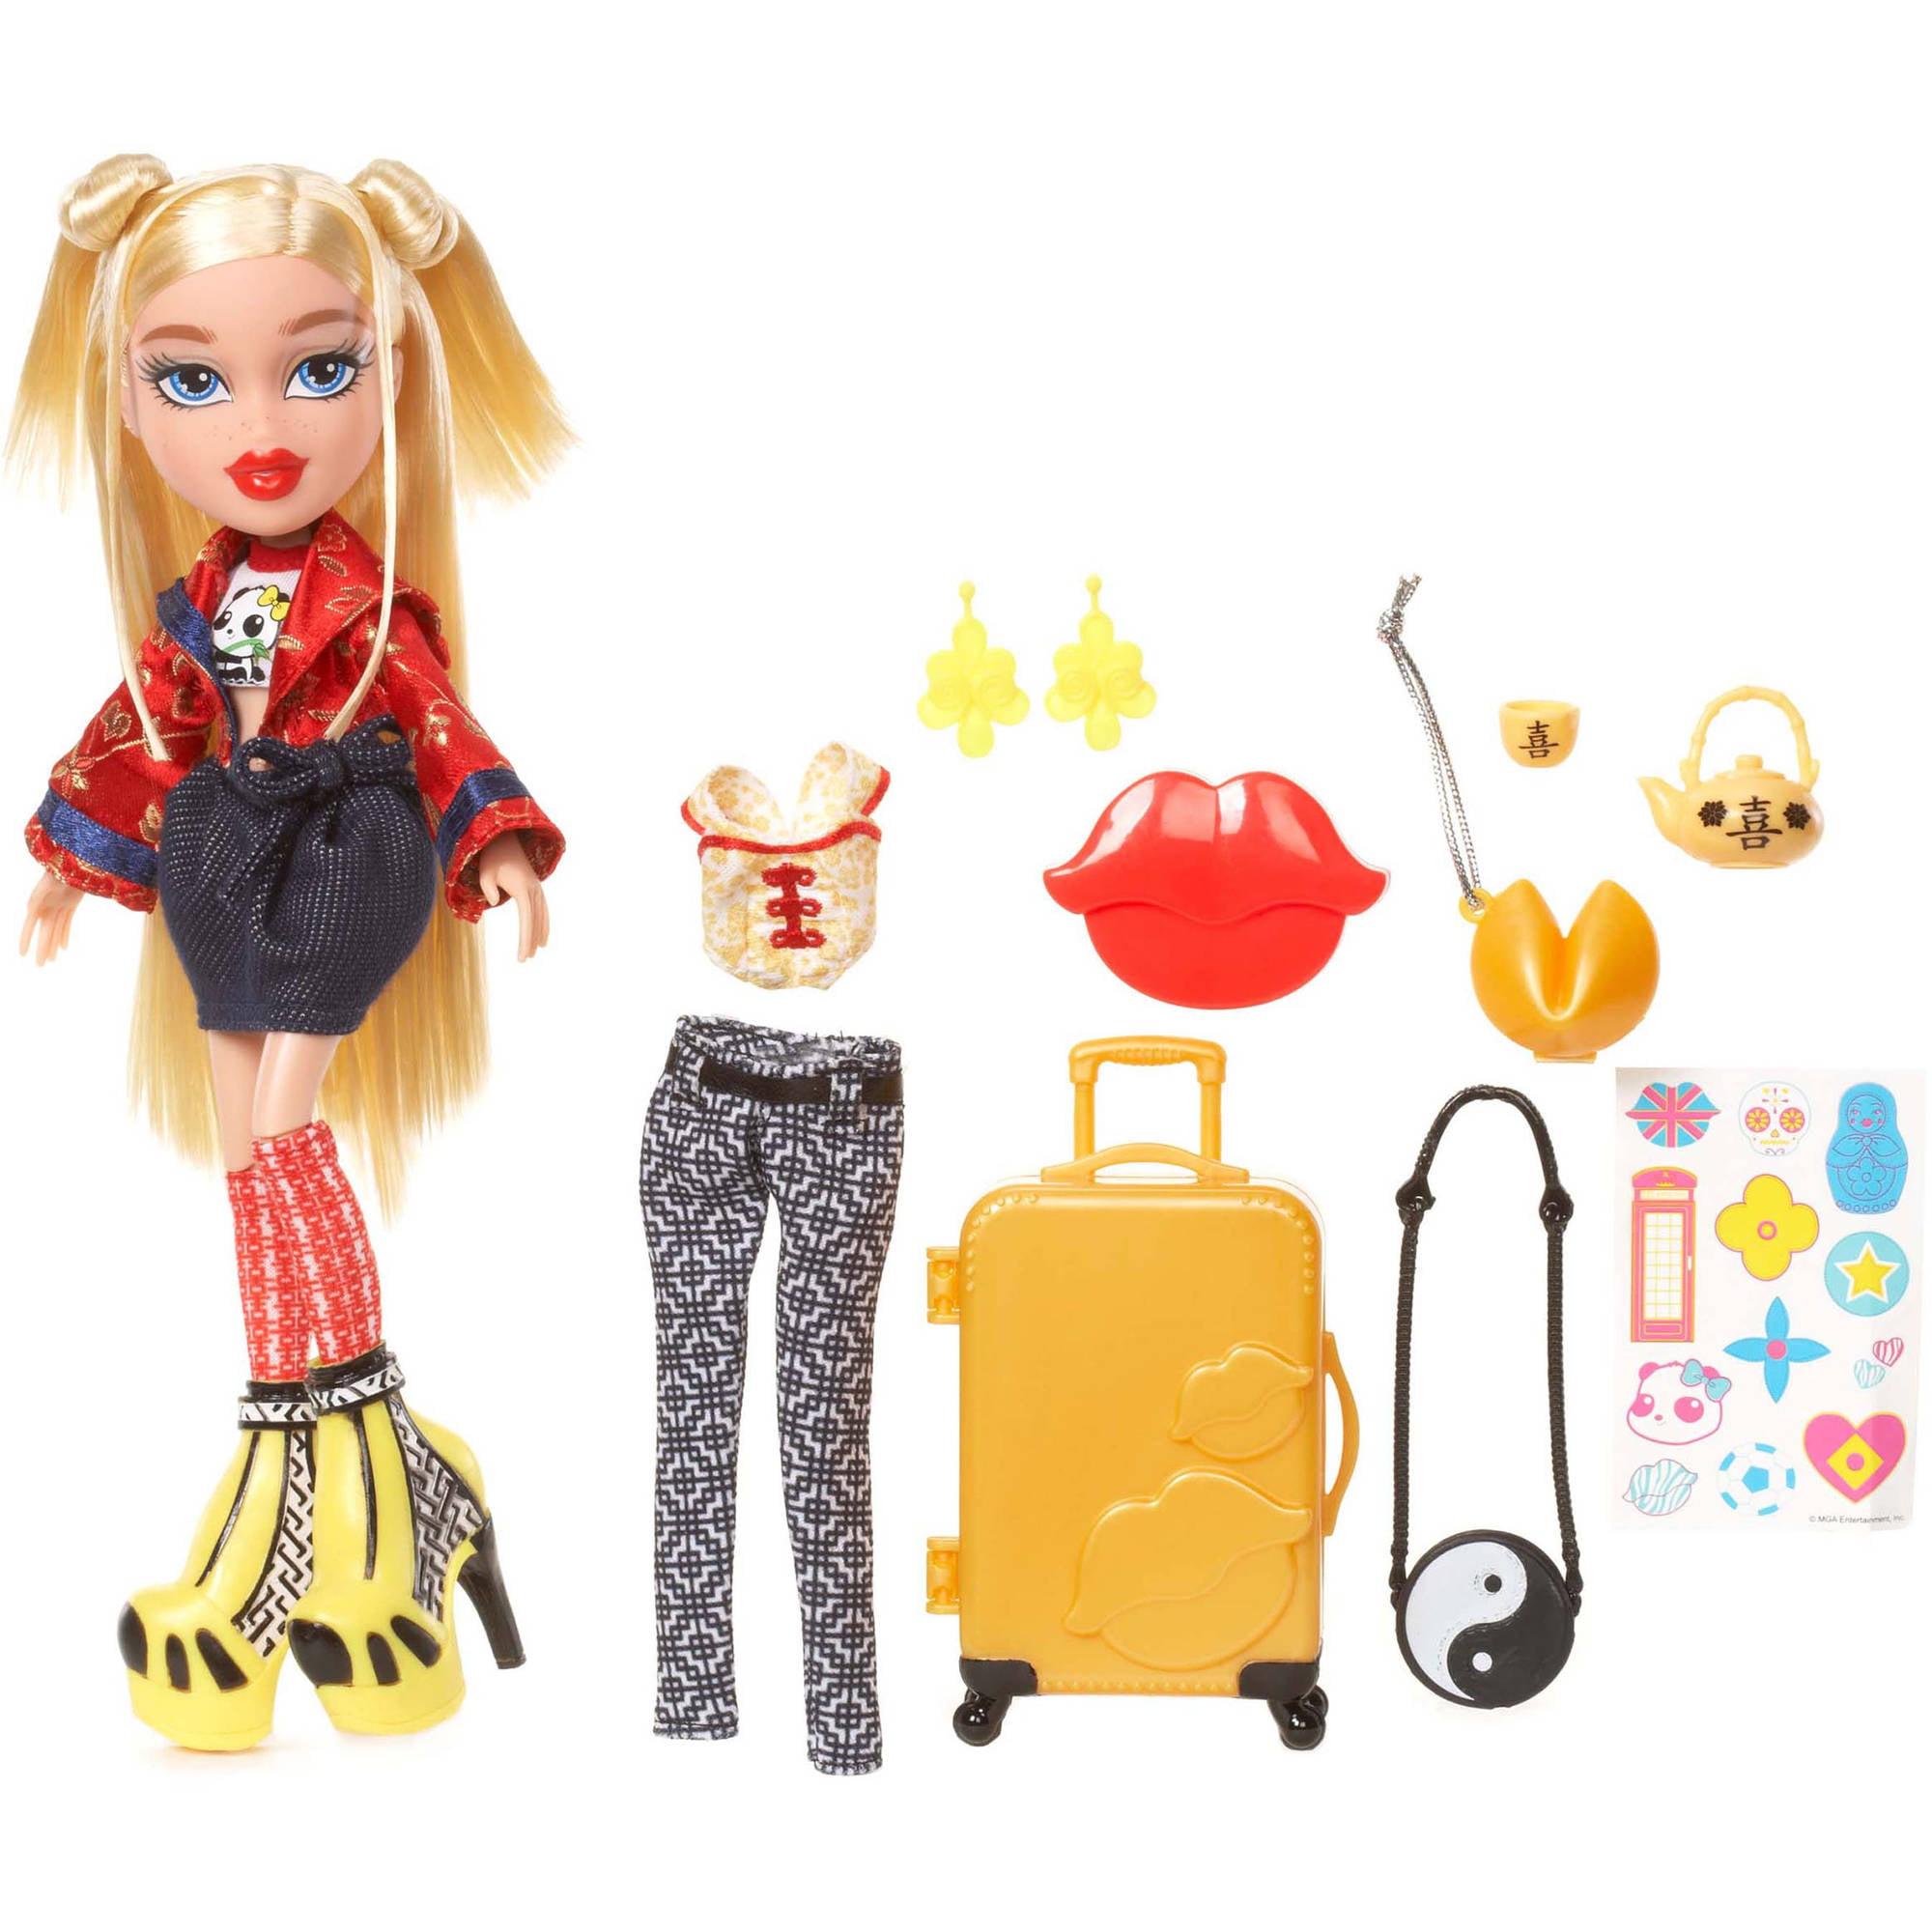 Bratz Study Abroad Doll, Cloe to China by MGA Entertainment